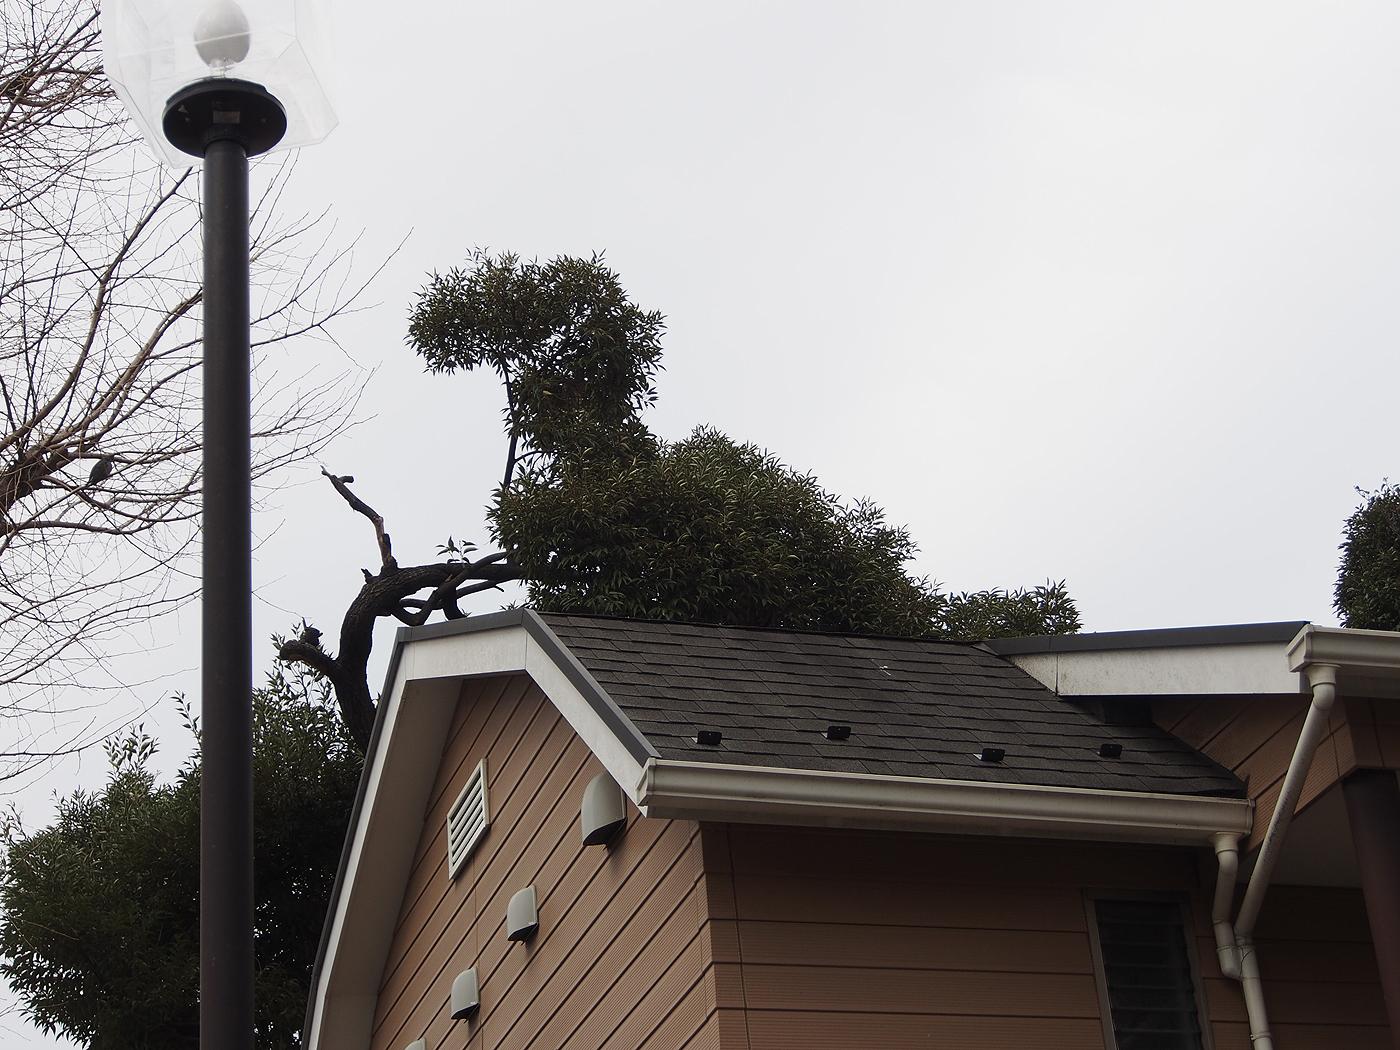 恐竜に似た景色、屋根のむこうの木